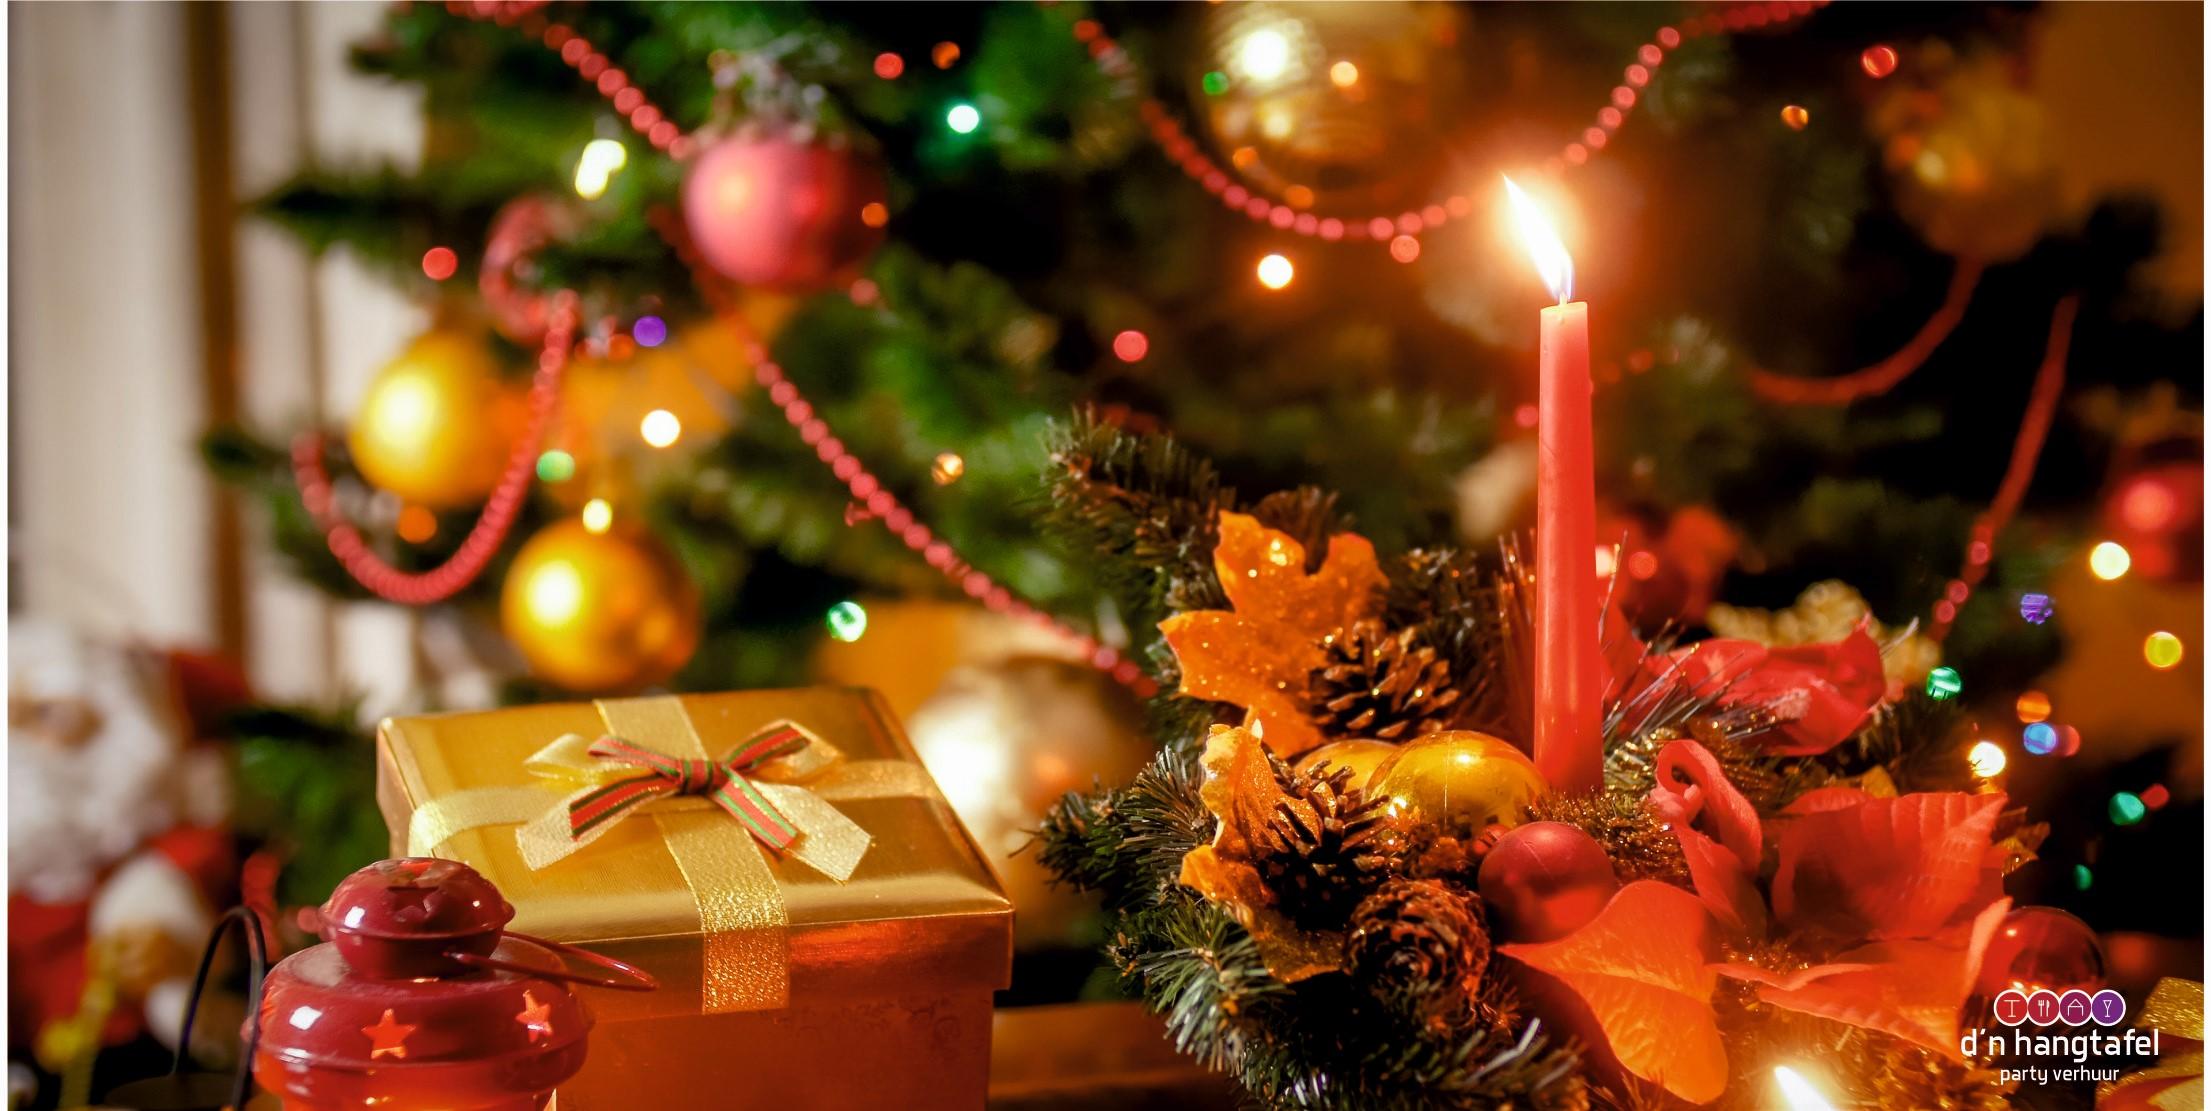 Bouwhek met kerst thema doek (kerststukje bij boom)